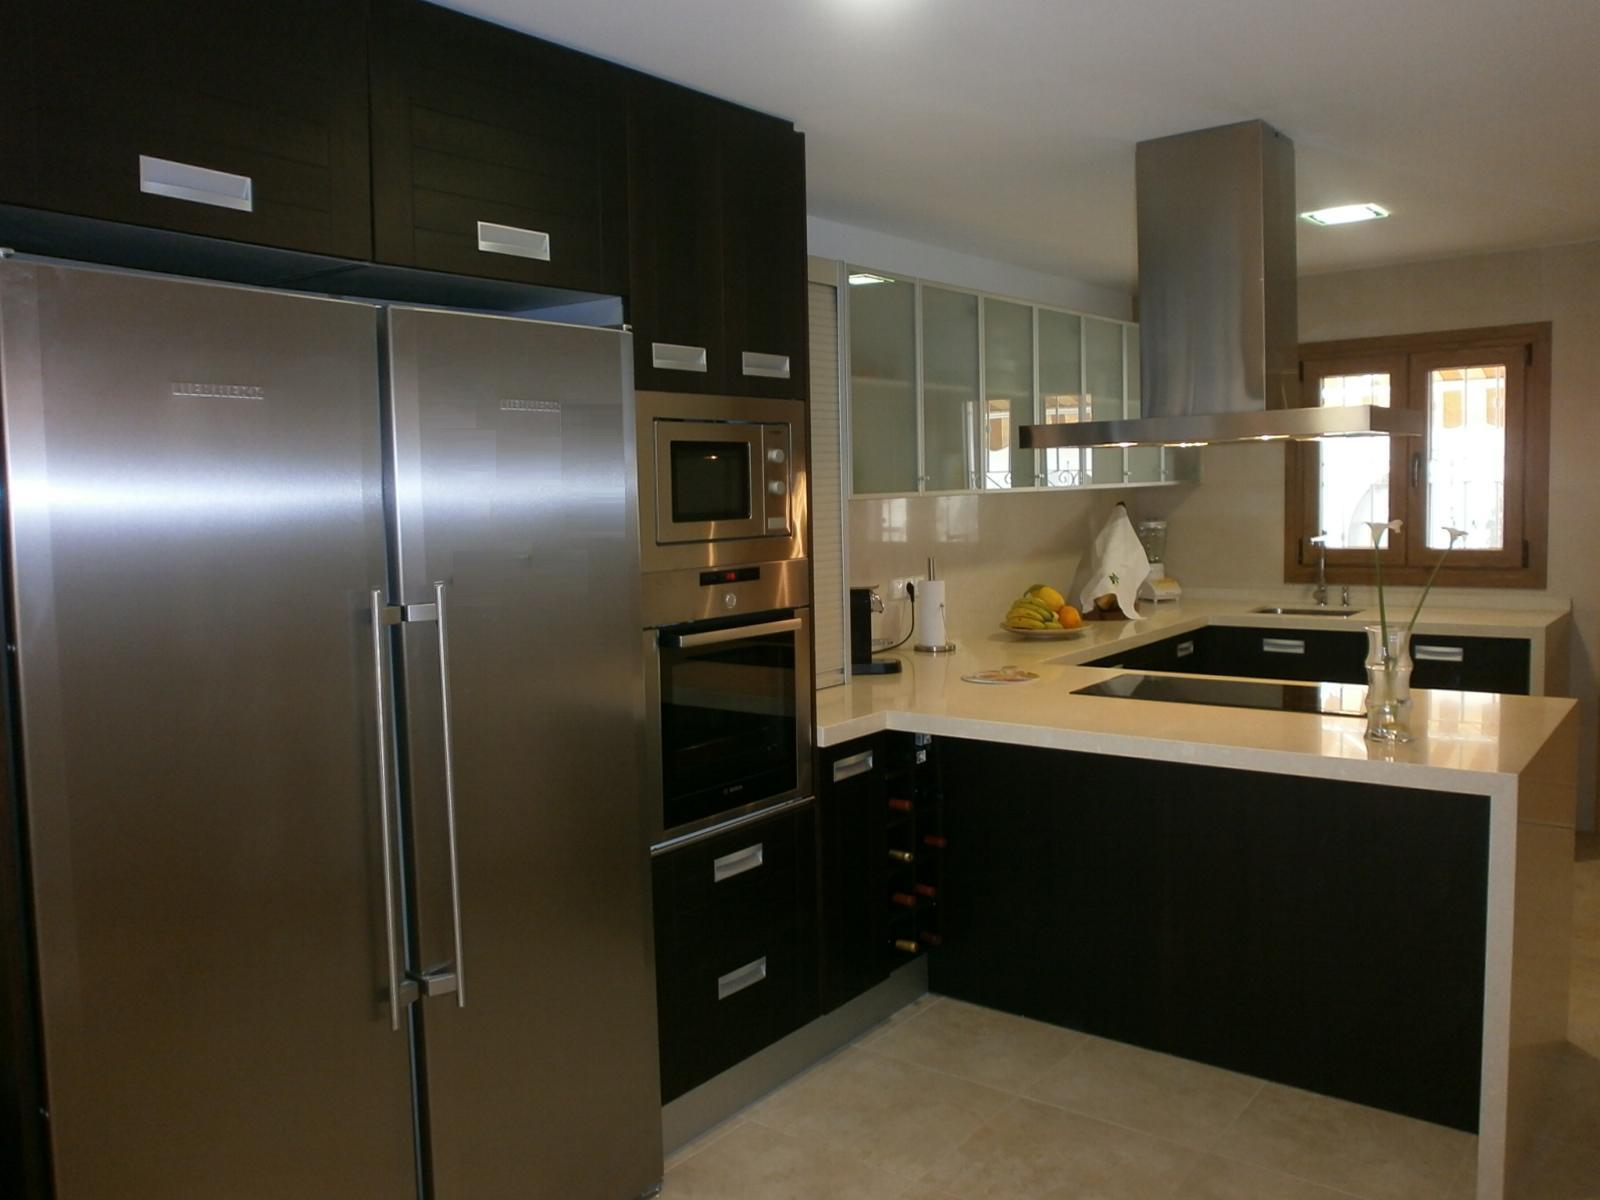 Muebles De Cocina Color Wengue - Diseños Arquitectónicos - Mimasku.com